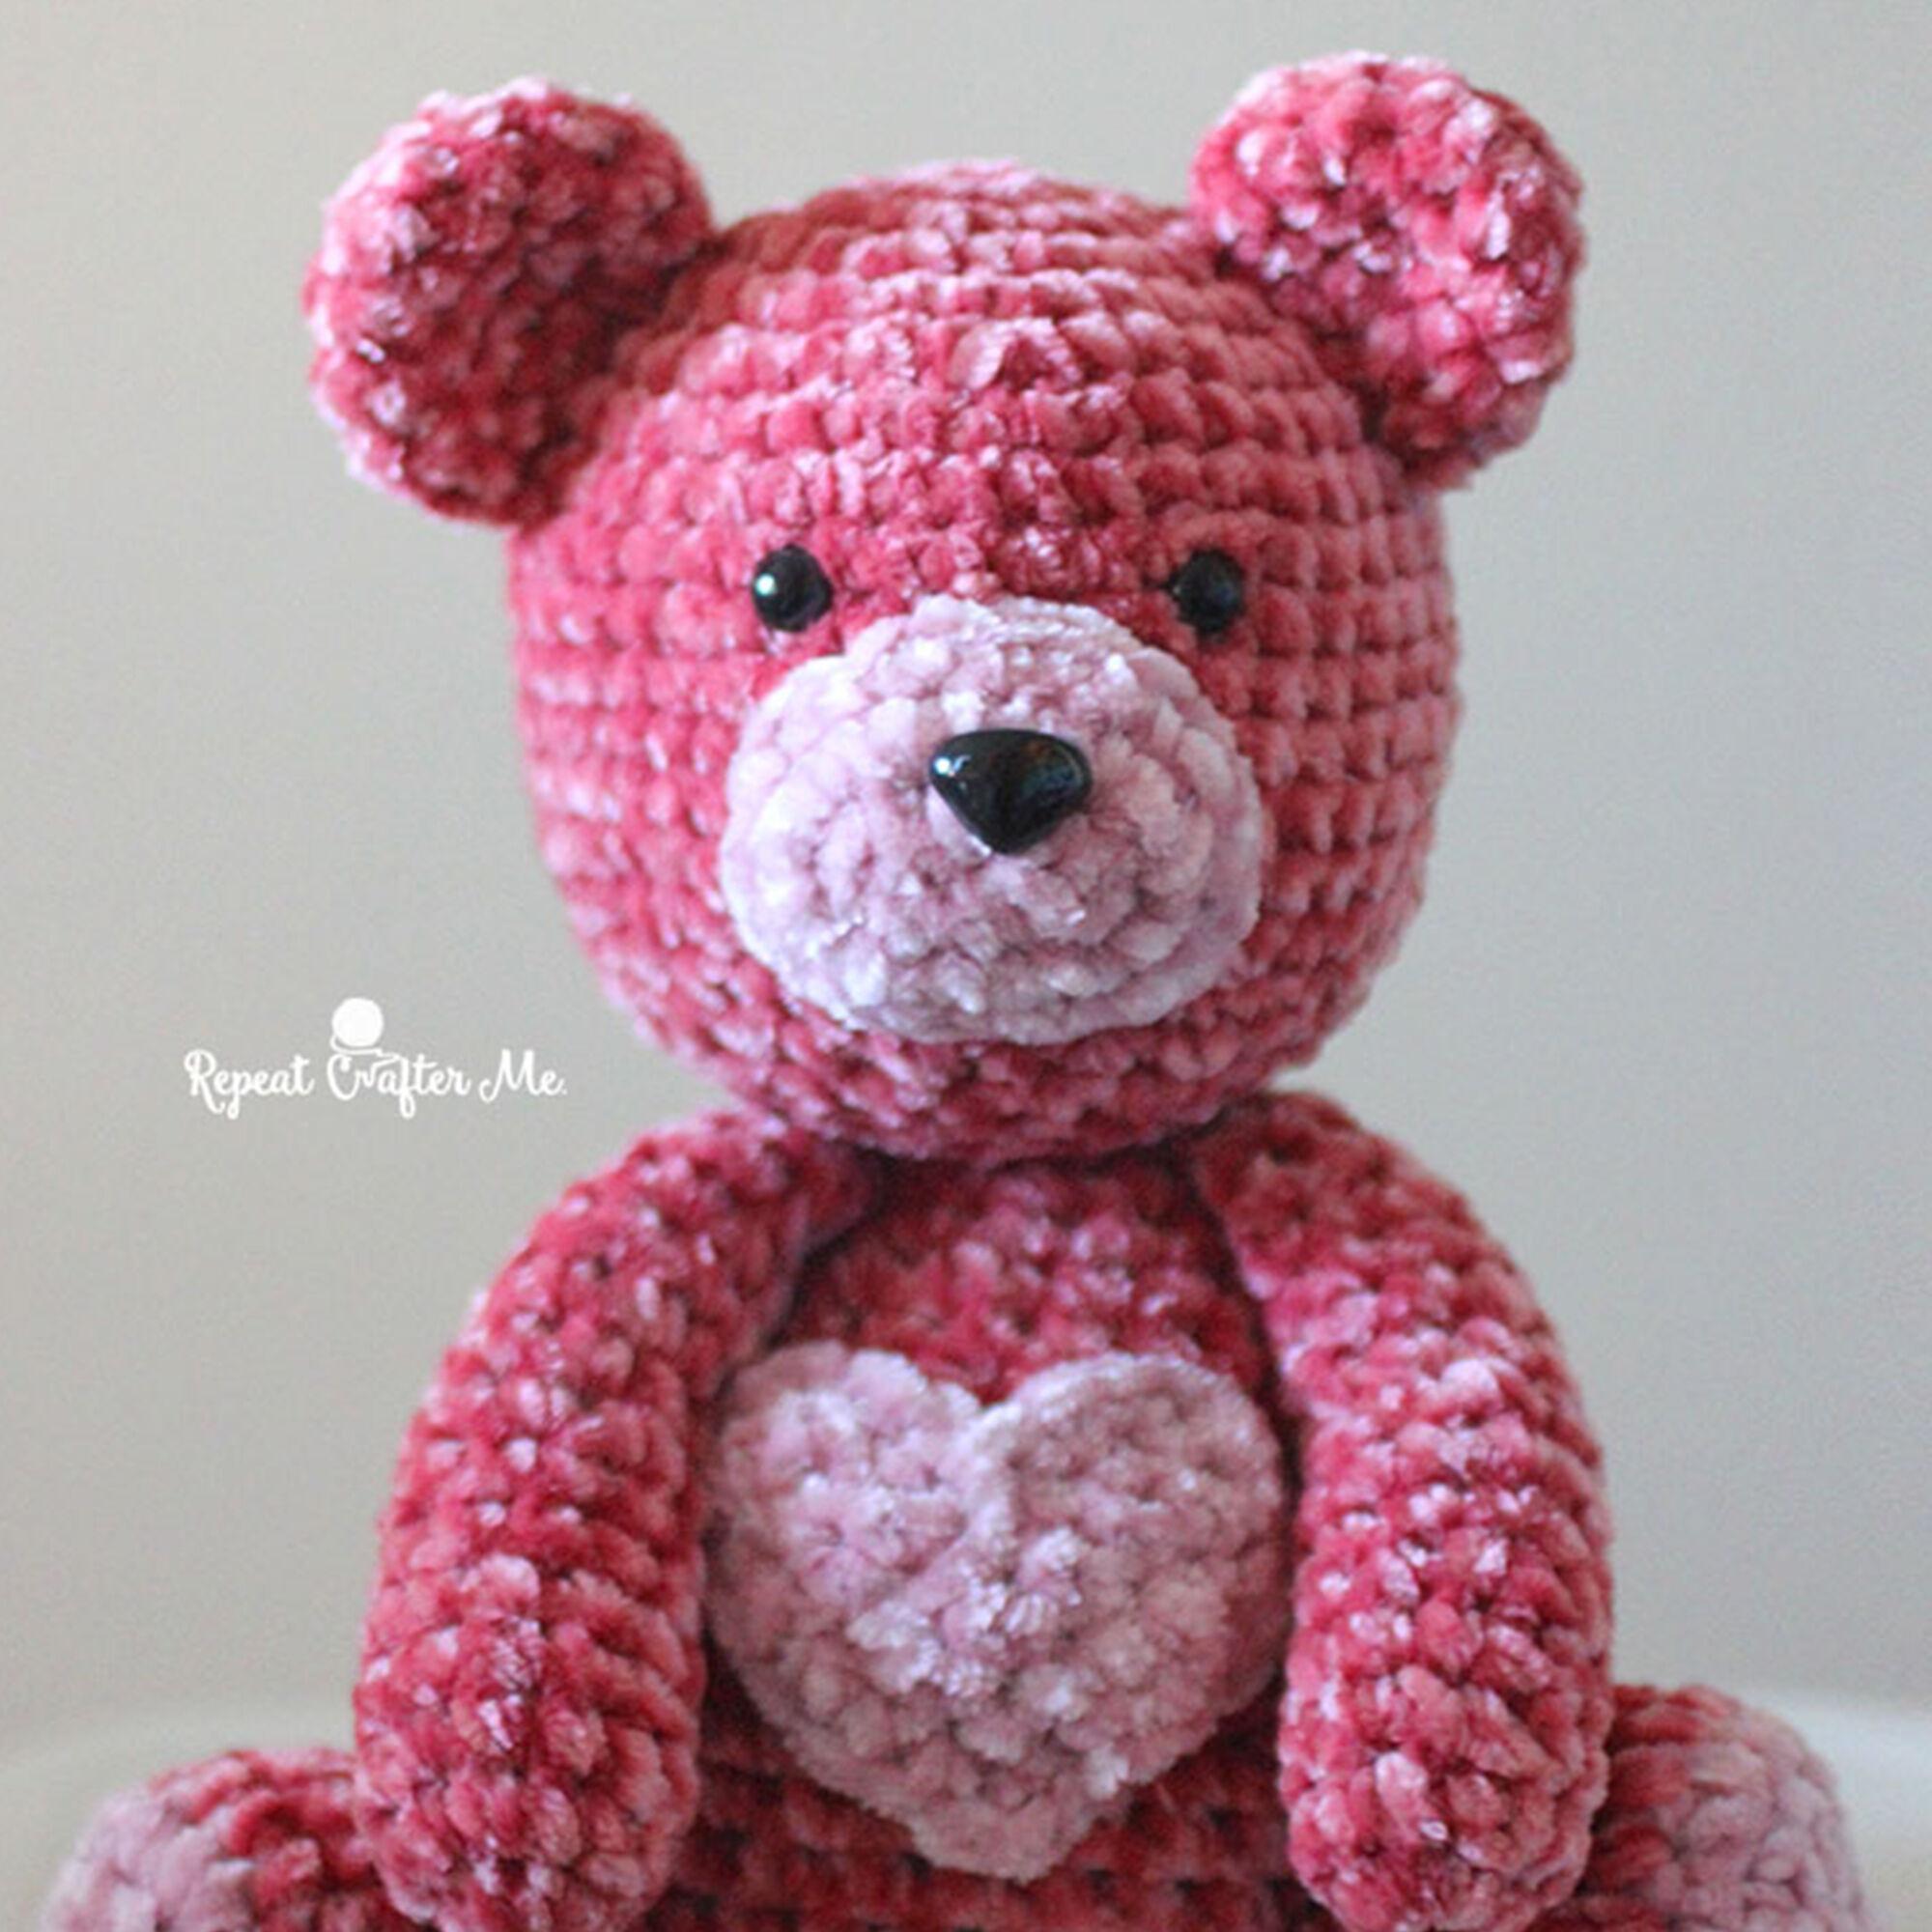 Free Crochet Patterns   Crochet Pattern Amigurumi Teddy Bear ...   2000x2000